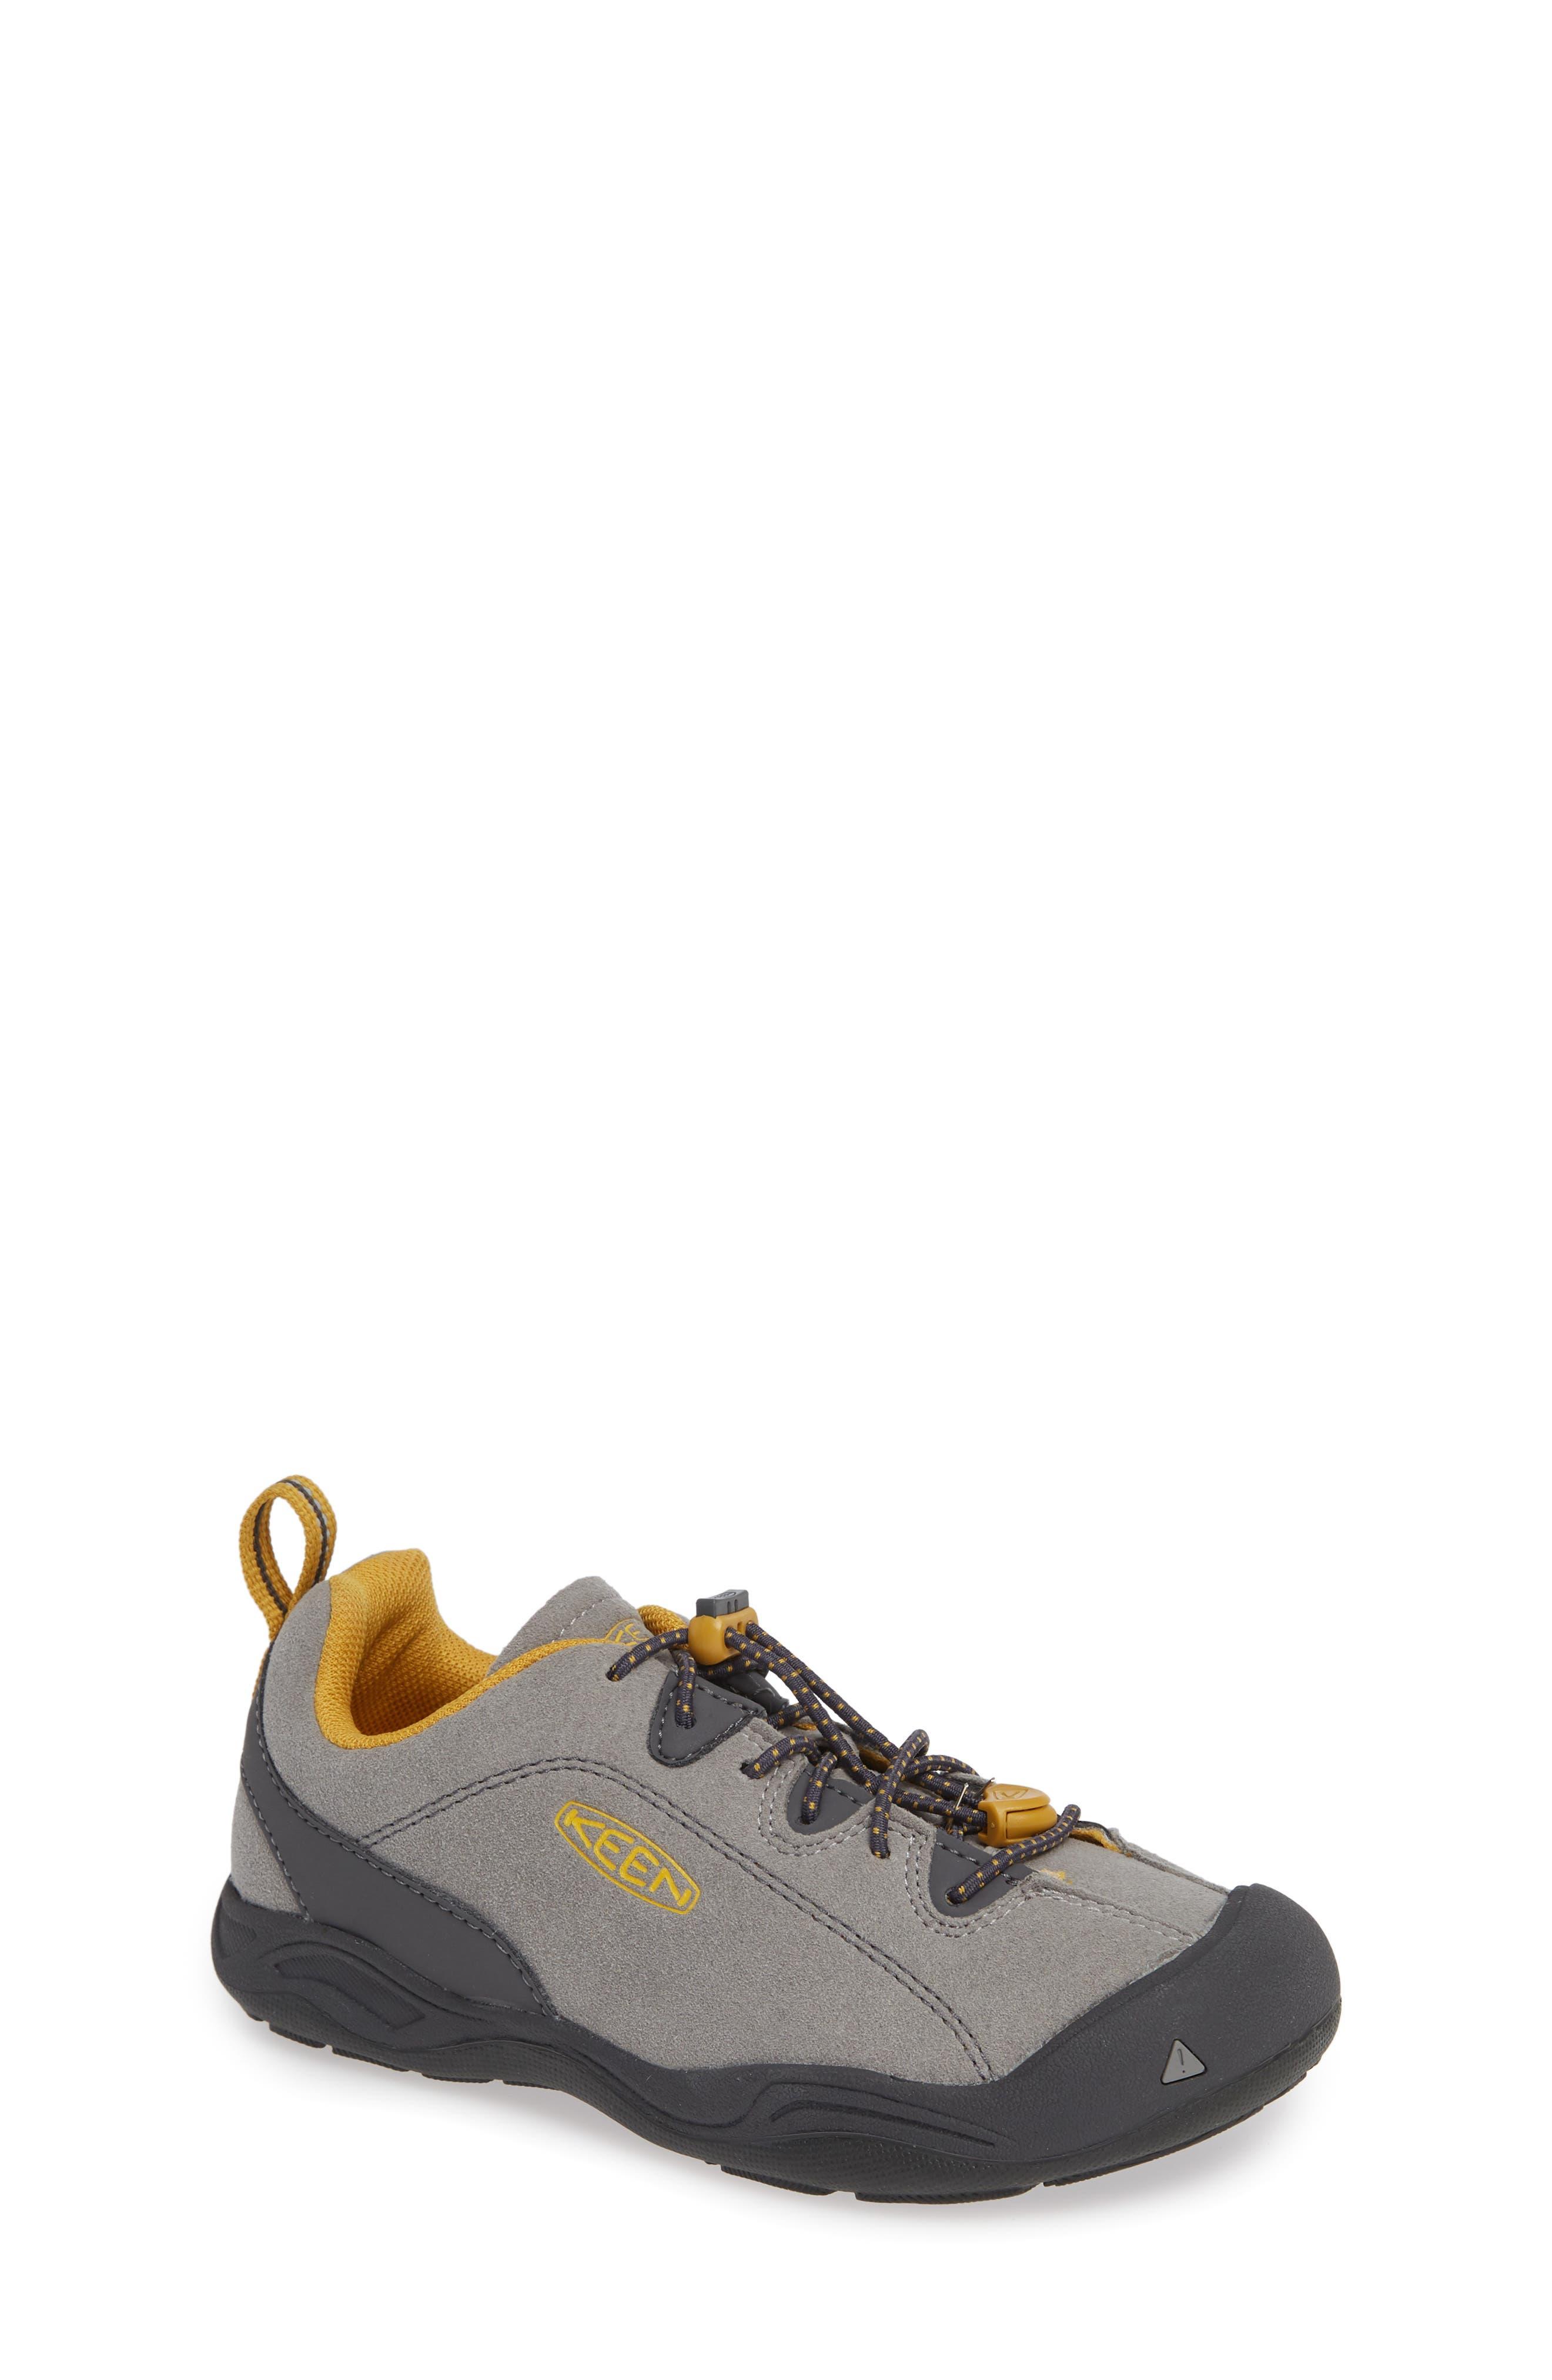 Jasper Sneaker,                             Main thumbnail 1, color,                             GREY/ ARROWWOOD